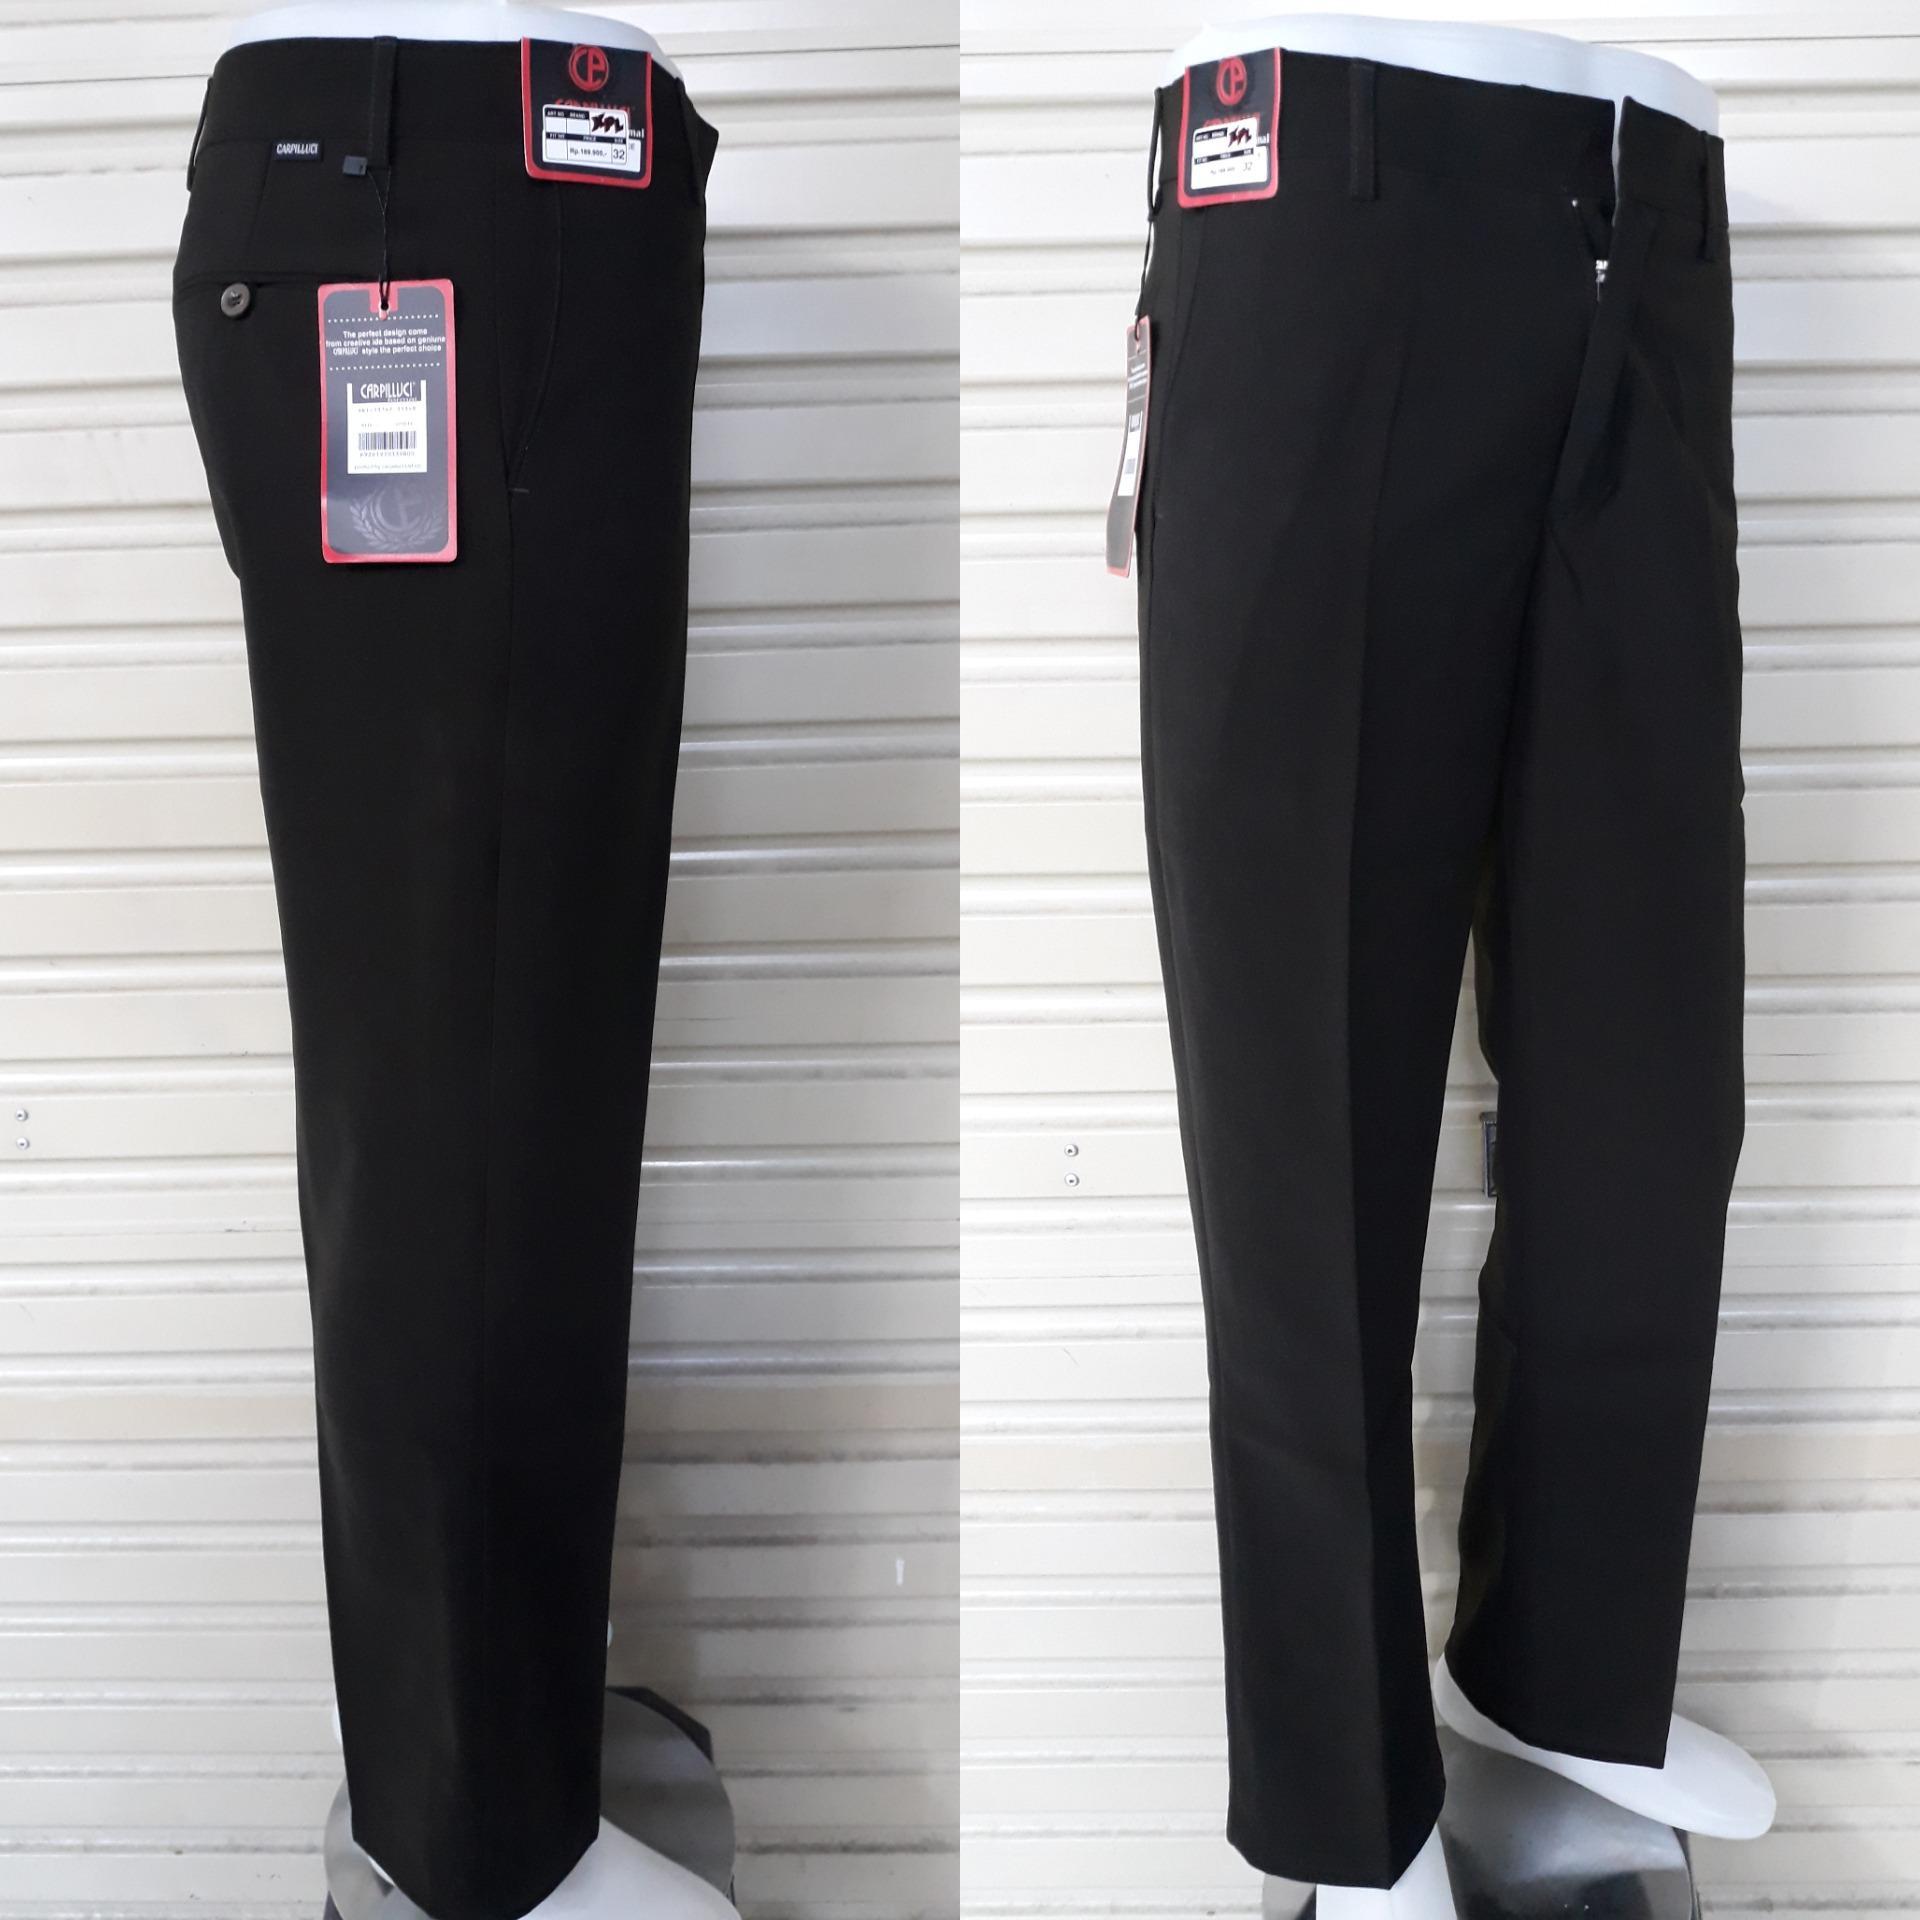 Jual Celana Panjang Formal Kantoran Pria Model Reguler Standar Bagus Murah Celana Formal Online